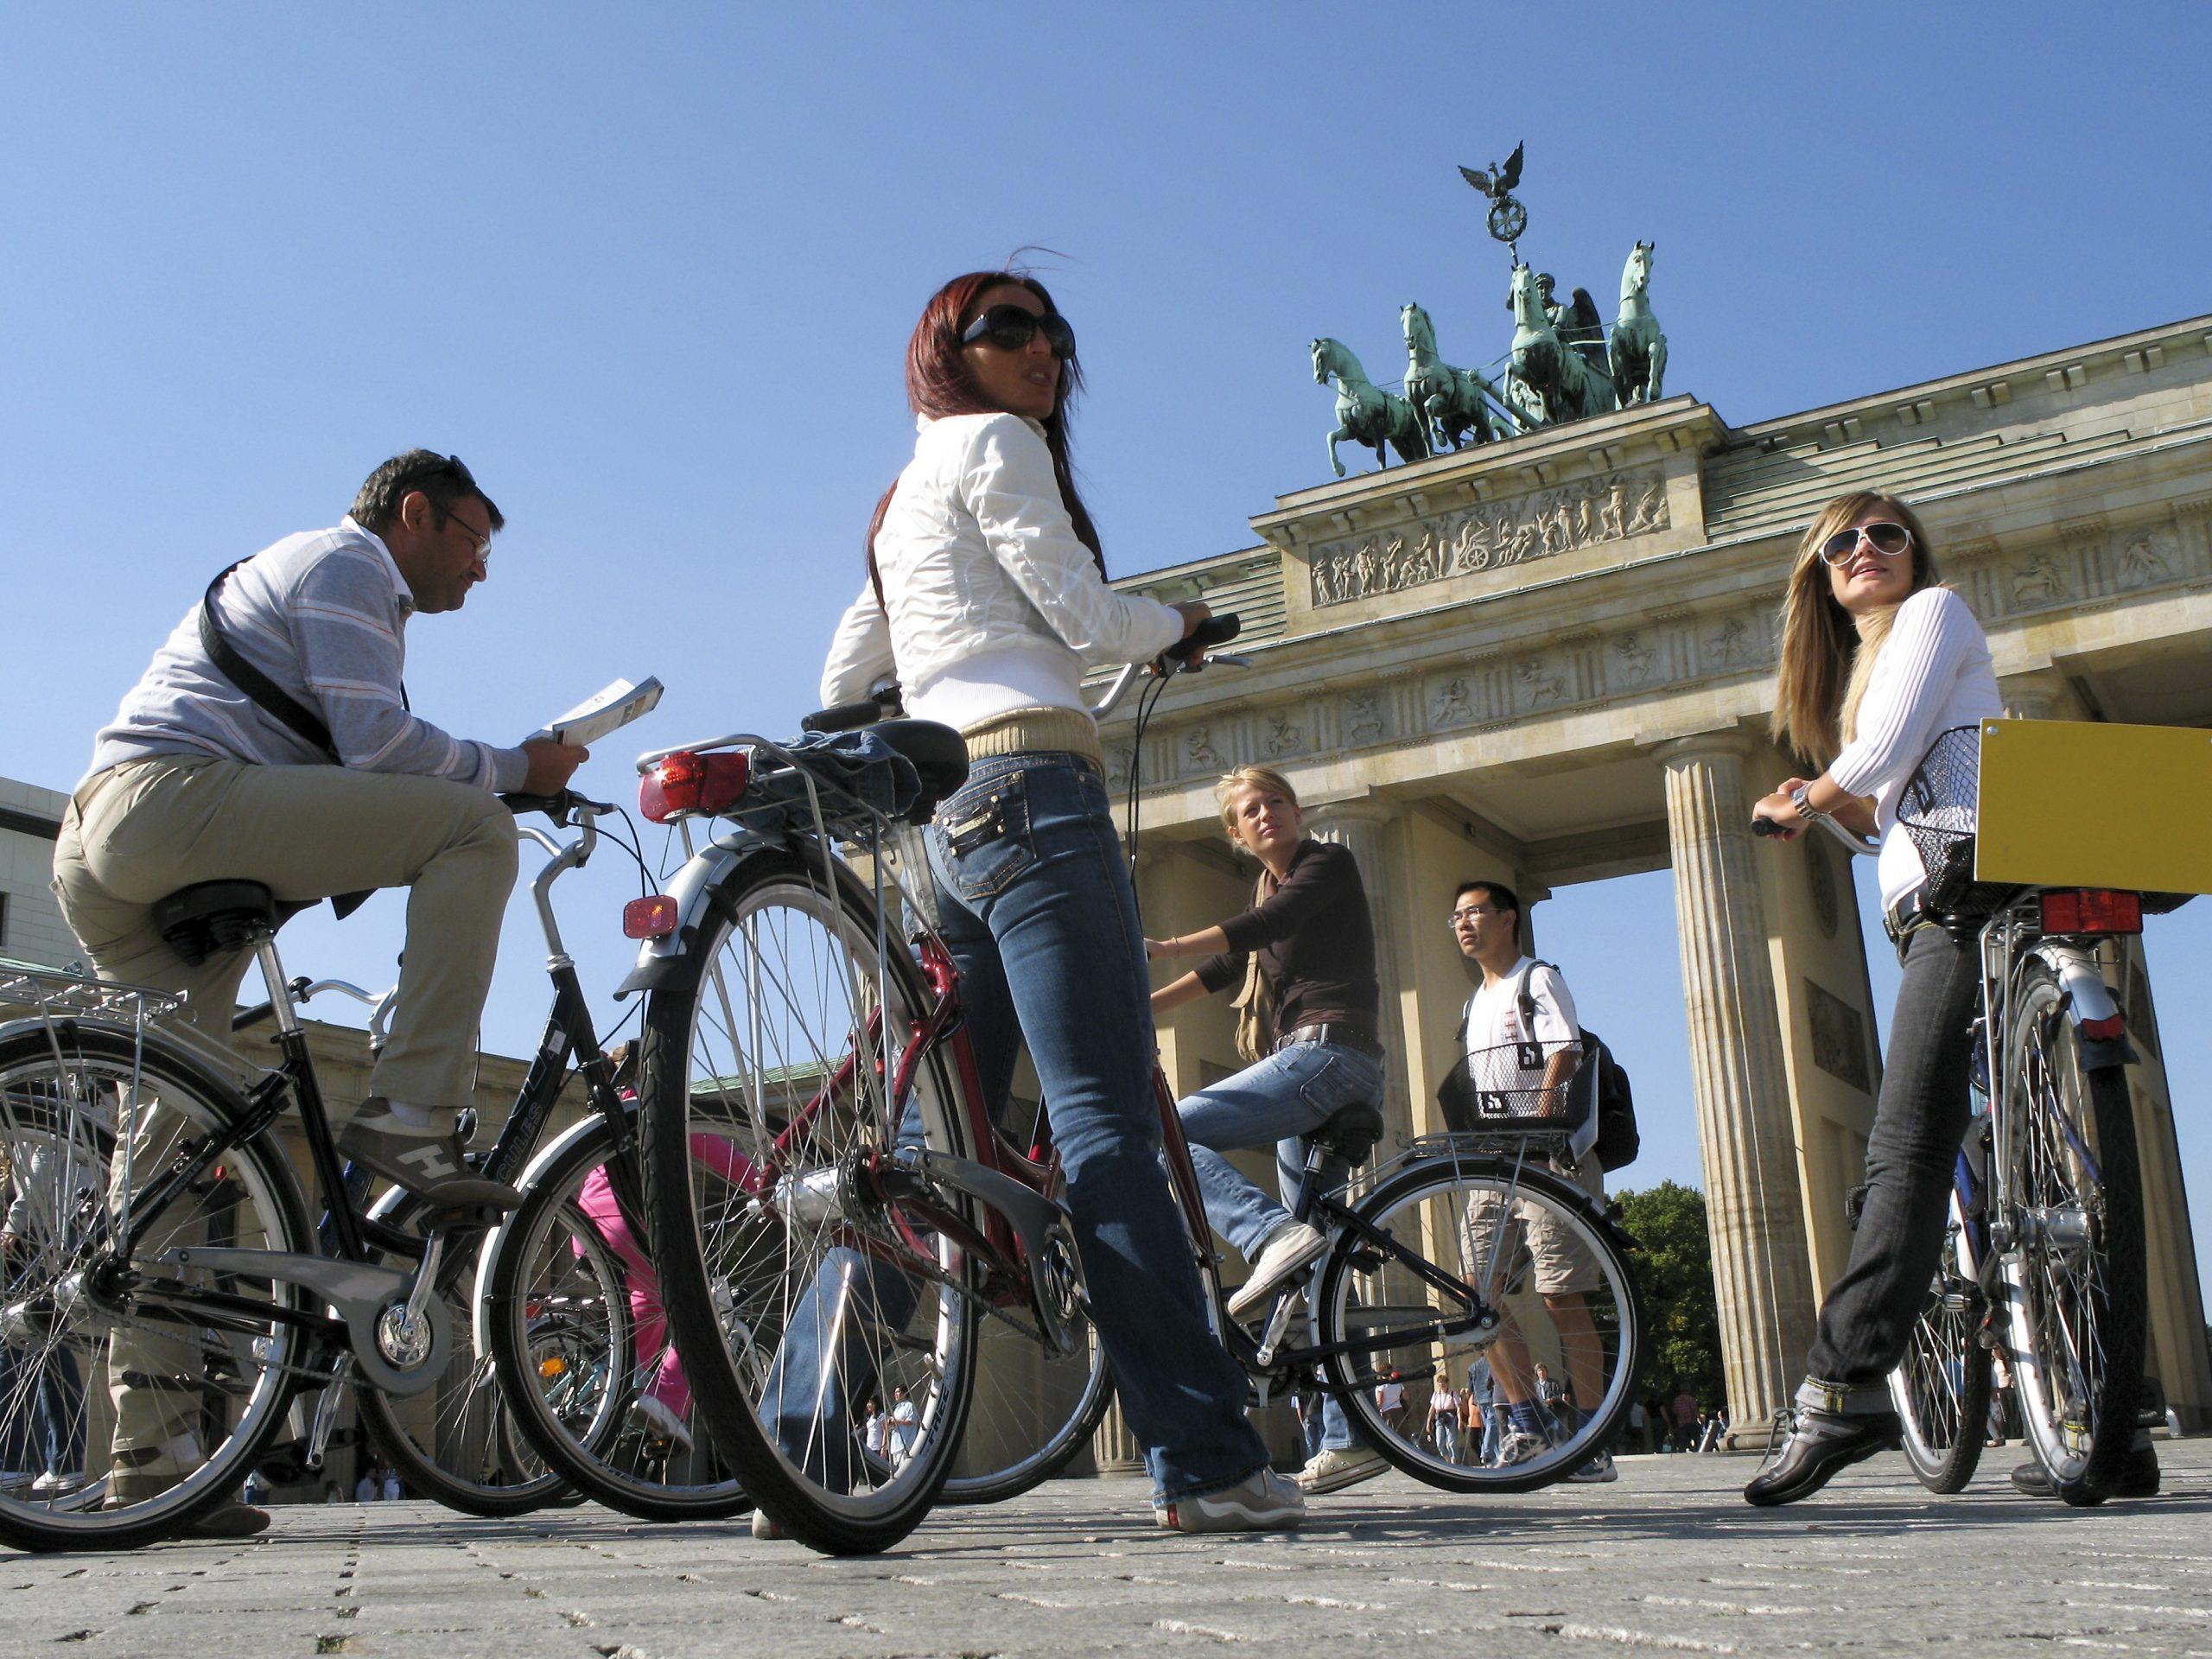 Berlin var øverst på top 10-liste over de byer, danskerne i maj søgte mest efter på Booking.com. Her er det turister ved Brandenburger Tor, foto for VisitBerlin: Pierre Adenis.